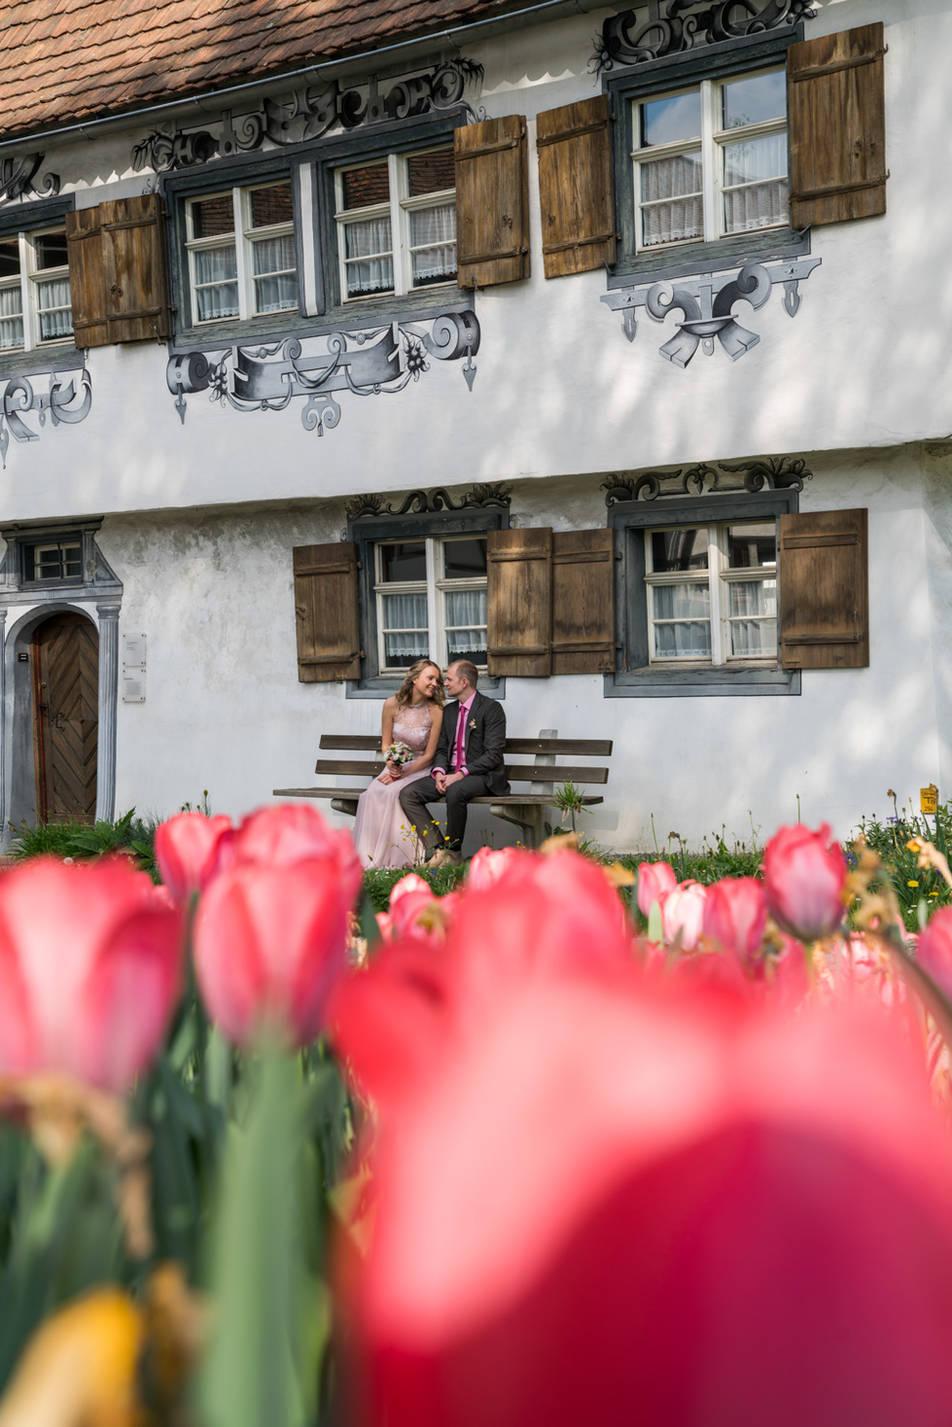 001-PhotoArt_Hochzeit.jpg